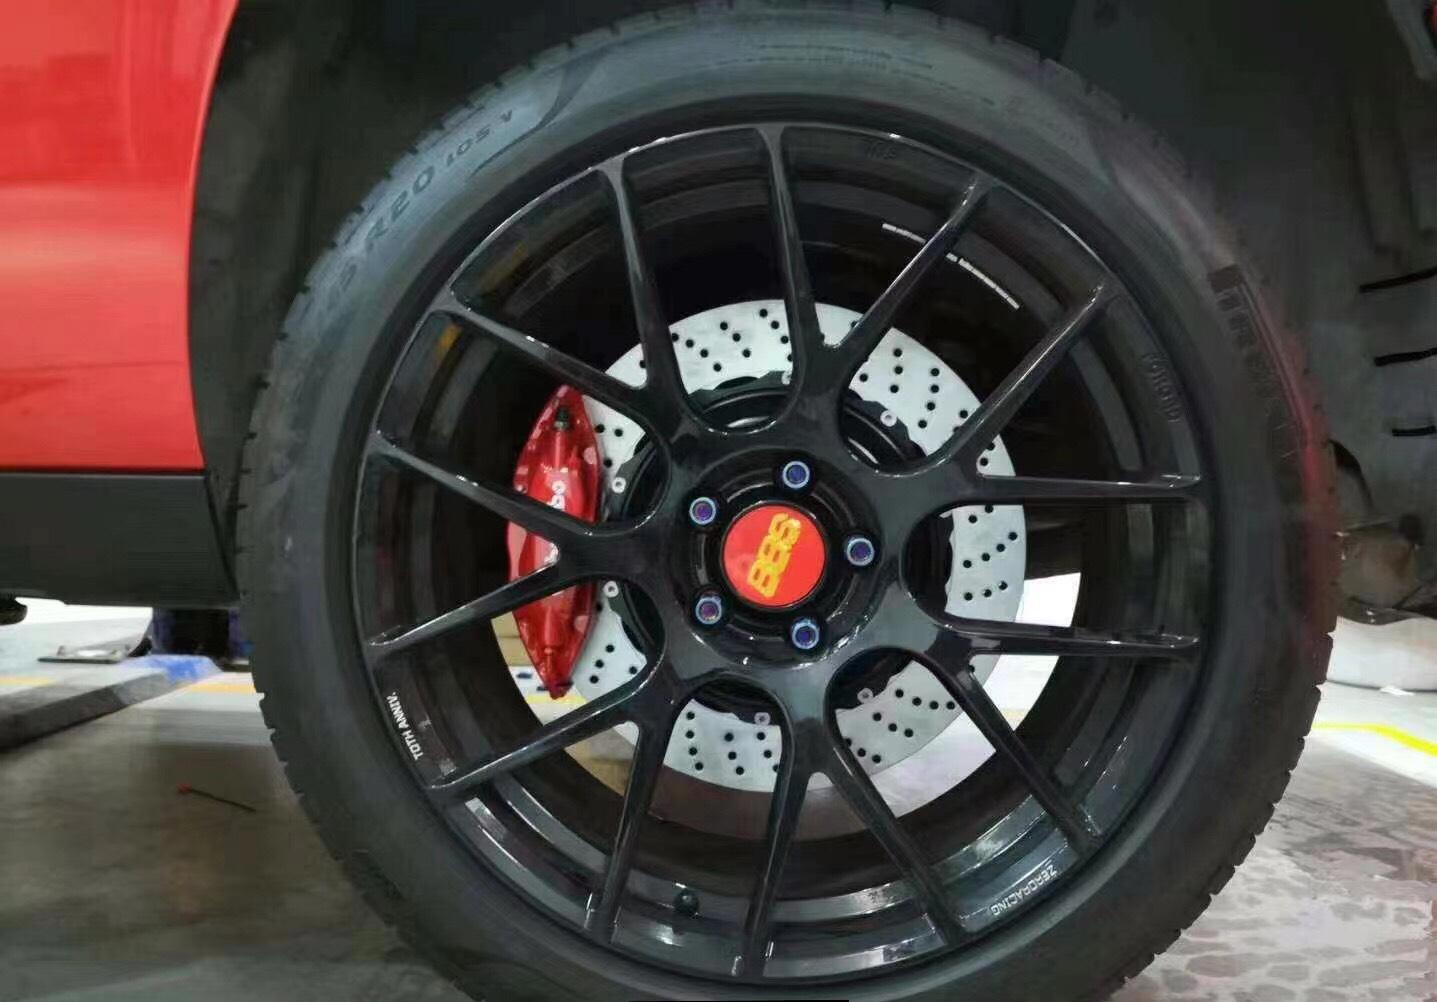 道奇挑战者升级布雷博Brembo前6后4刹车卡钳套装,性能提升,效果棒棒滴!